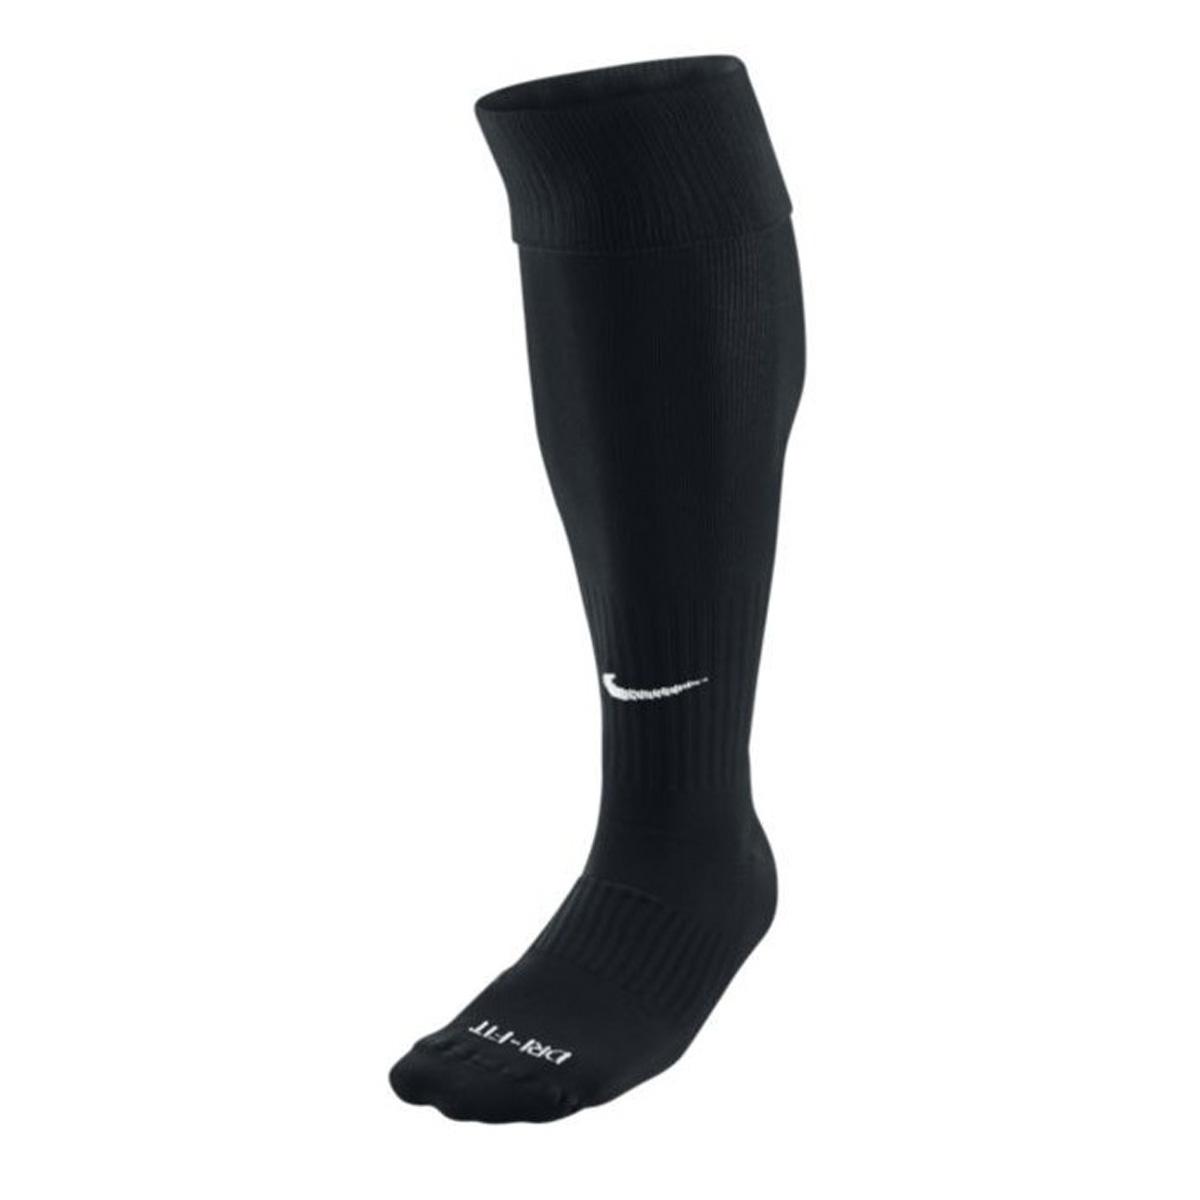 d928ff7aaa1 Nike NIKE KOUS SX4120-001 ZWART online kopen bij Sportpaleis.